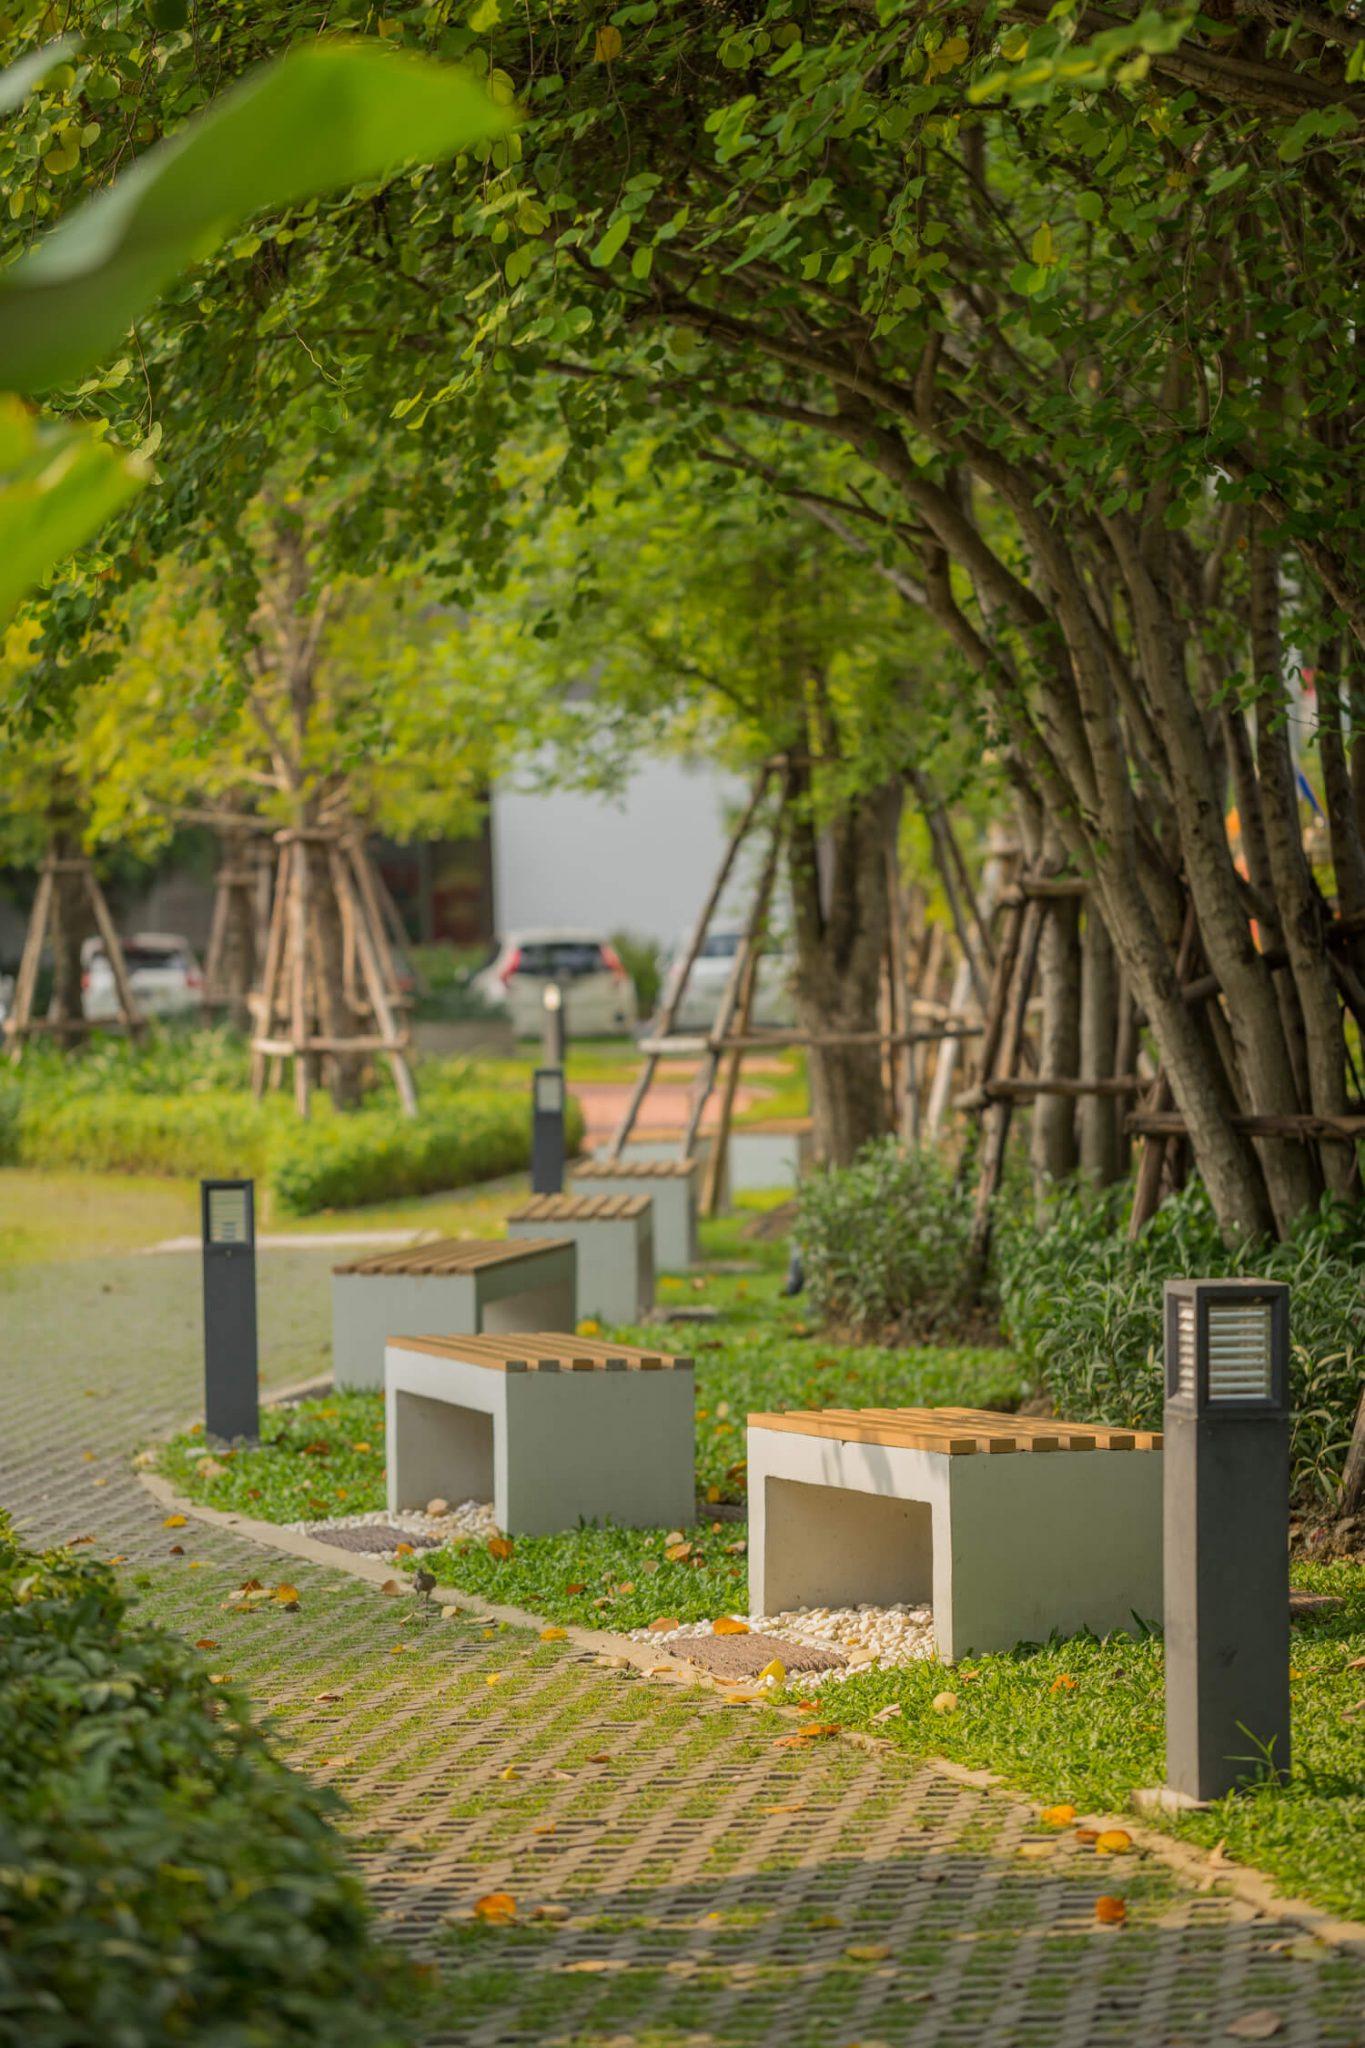 พรีวิว Aspire งามวงศ์วาน คอนโดคุณภาพทำเลดี ใกล้ The Mall ถ.วิภาวดี และ ม.เกษตร 22 - AP (Thailand) - เอพี (ไทยแลนด์)